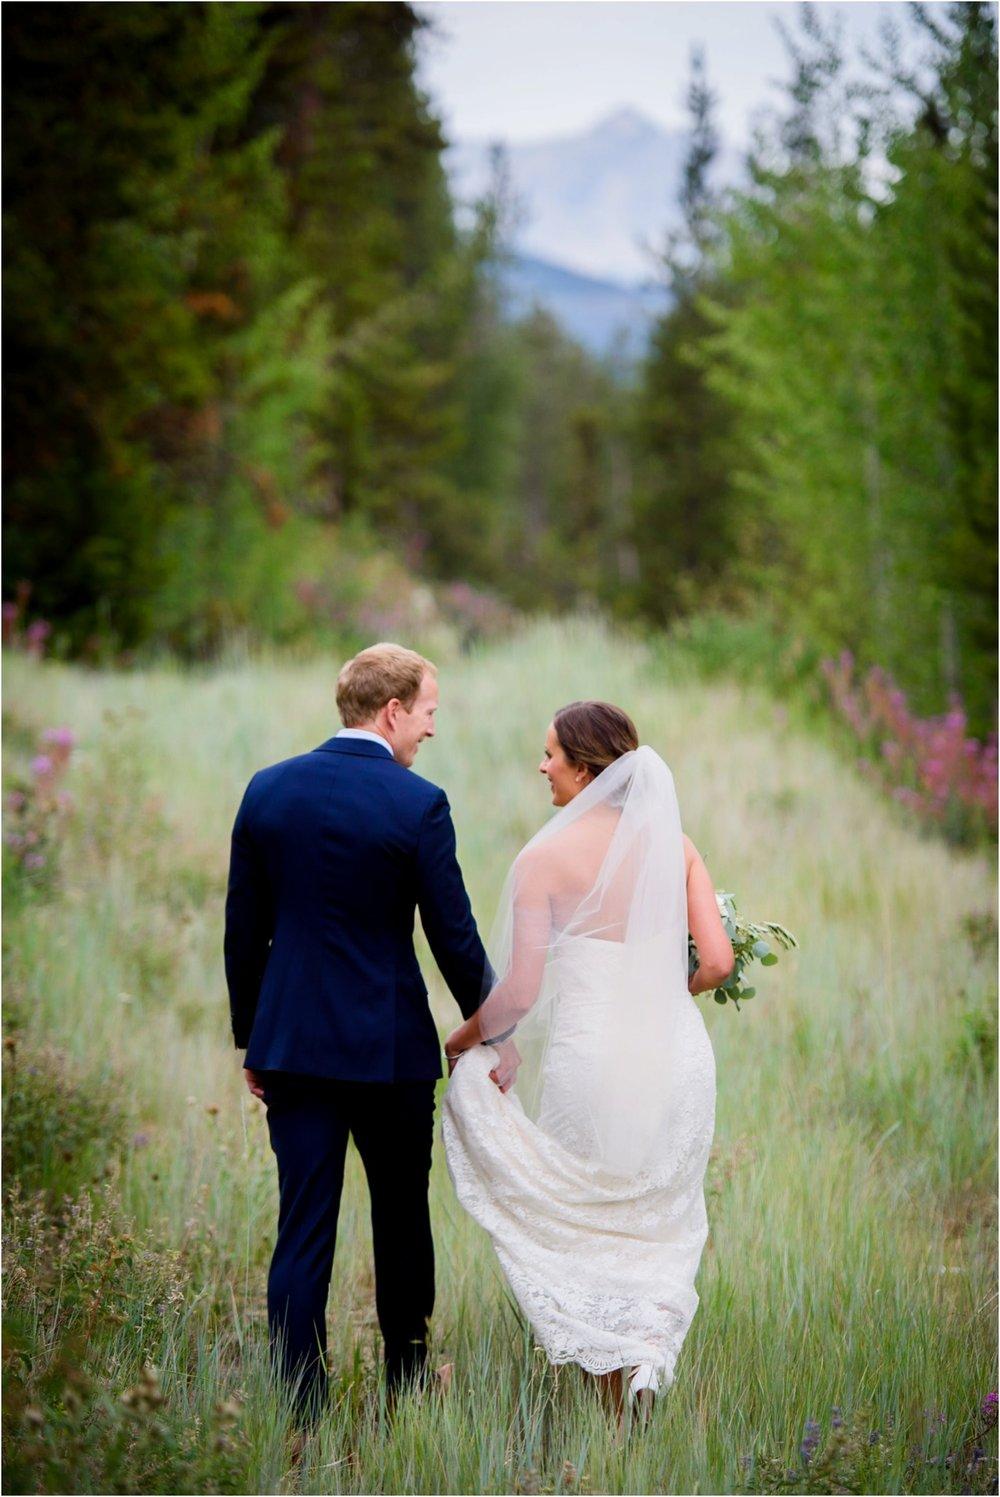 Bride and Groom walk in meadow in Keystone colorado